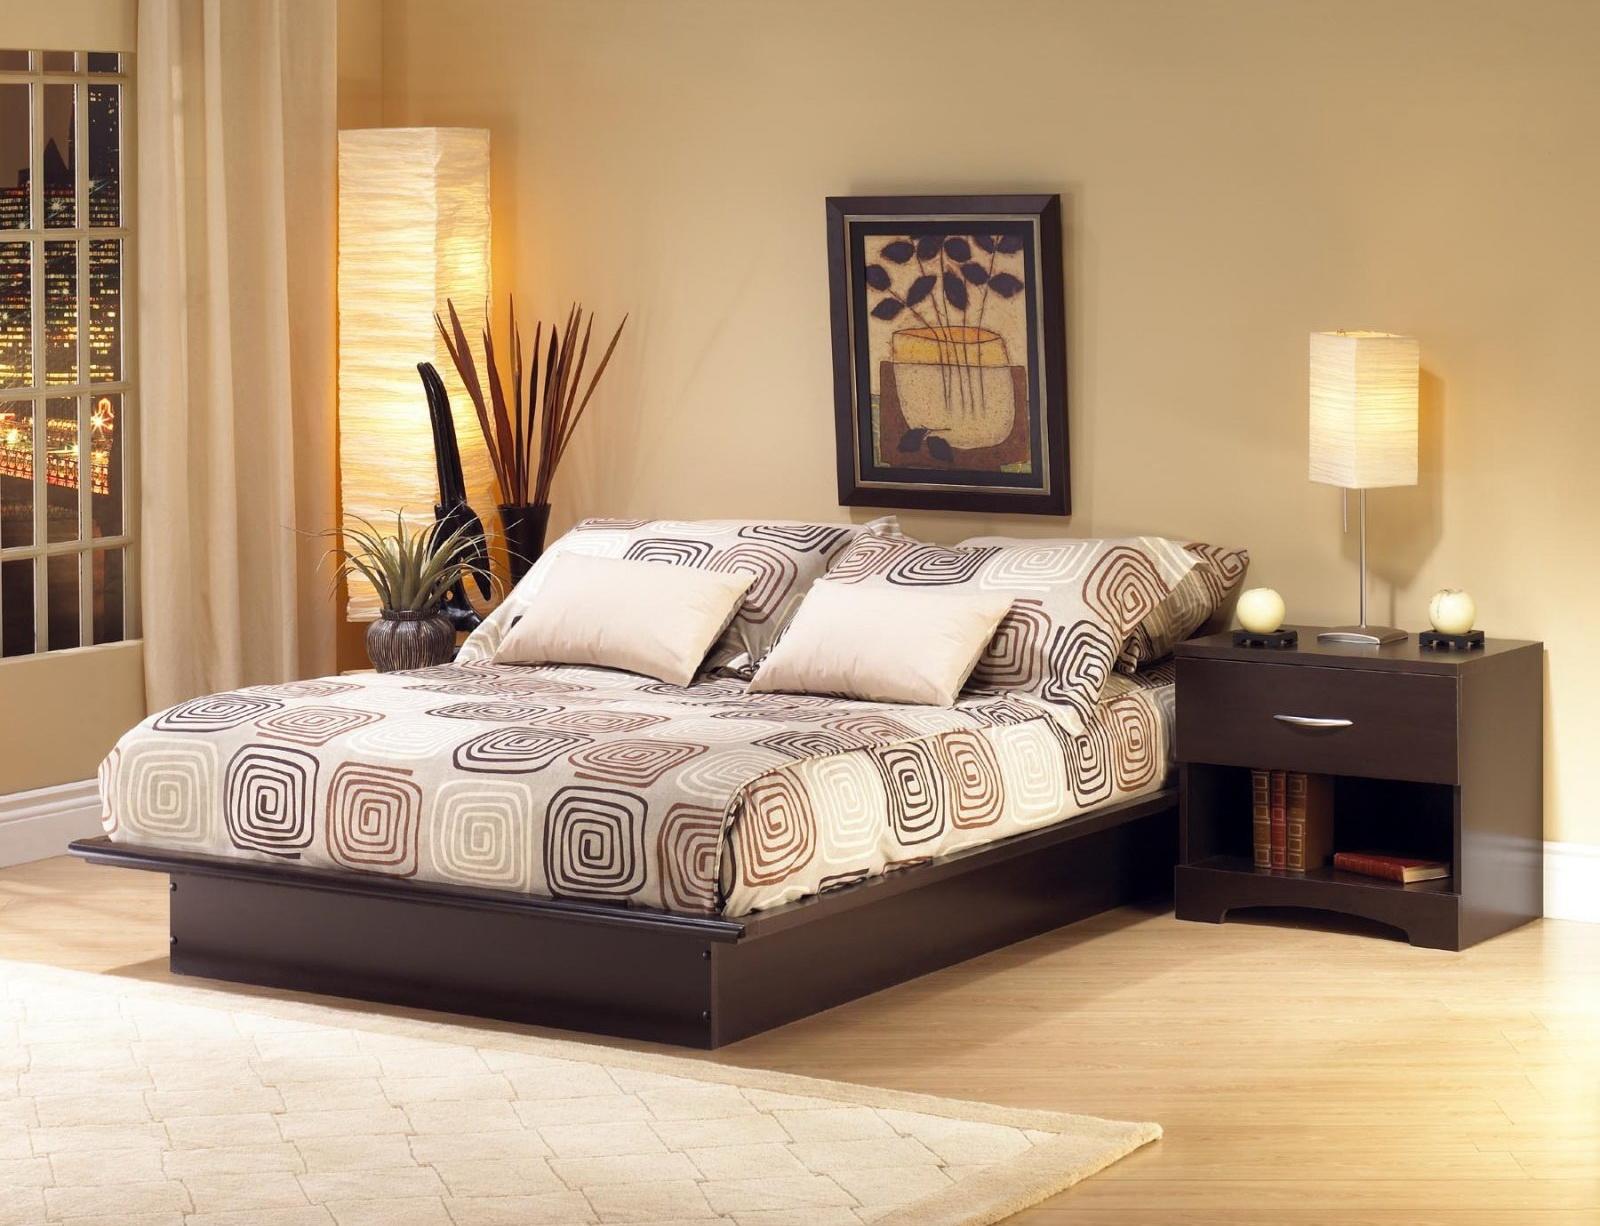 تصاميم غرف نوم بسيطة | المرسال